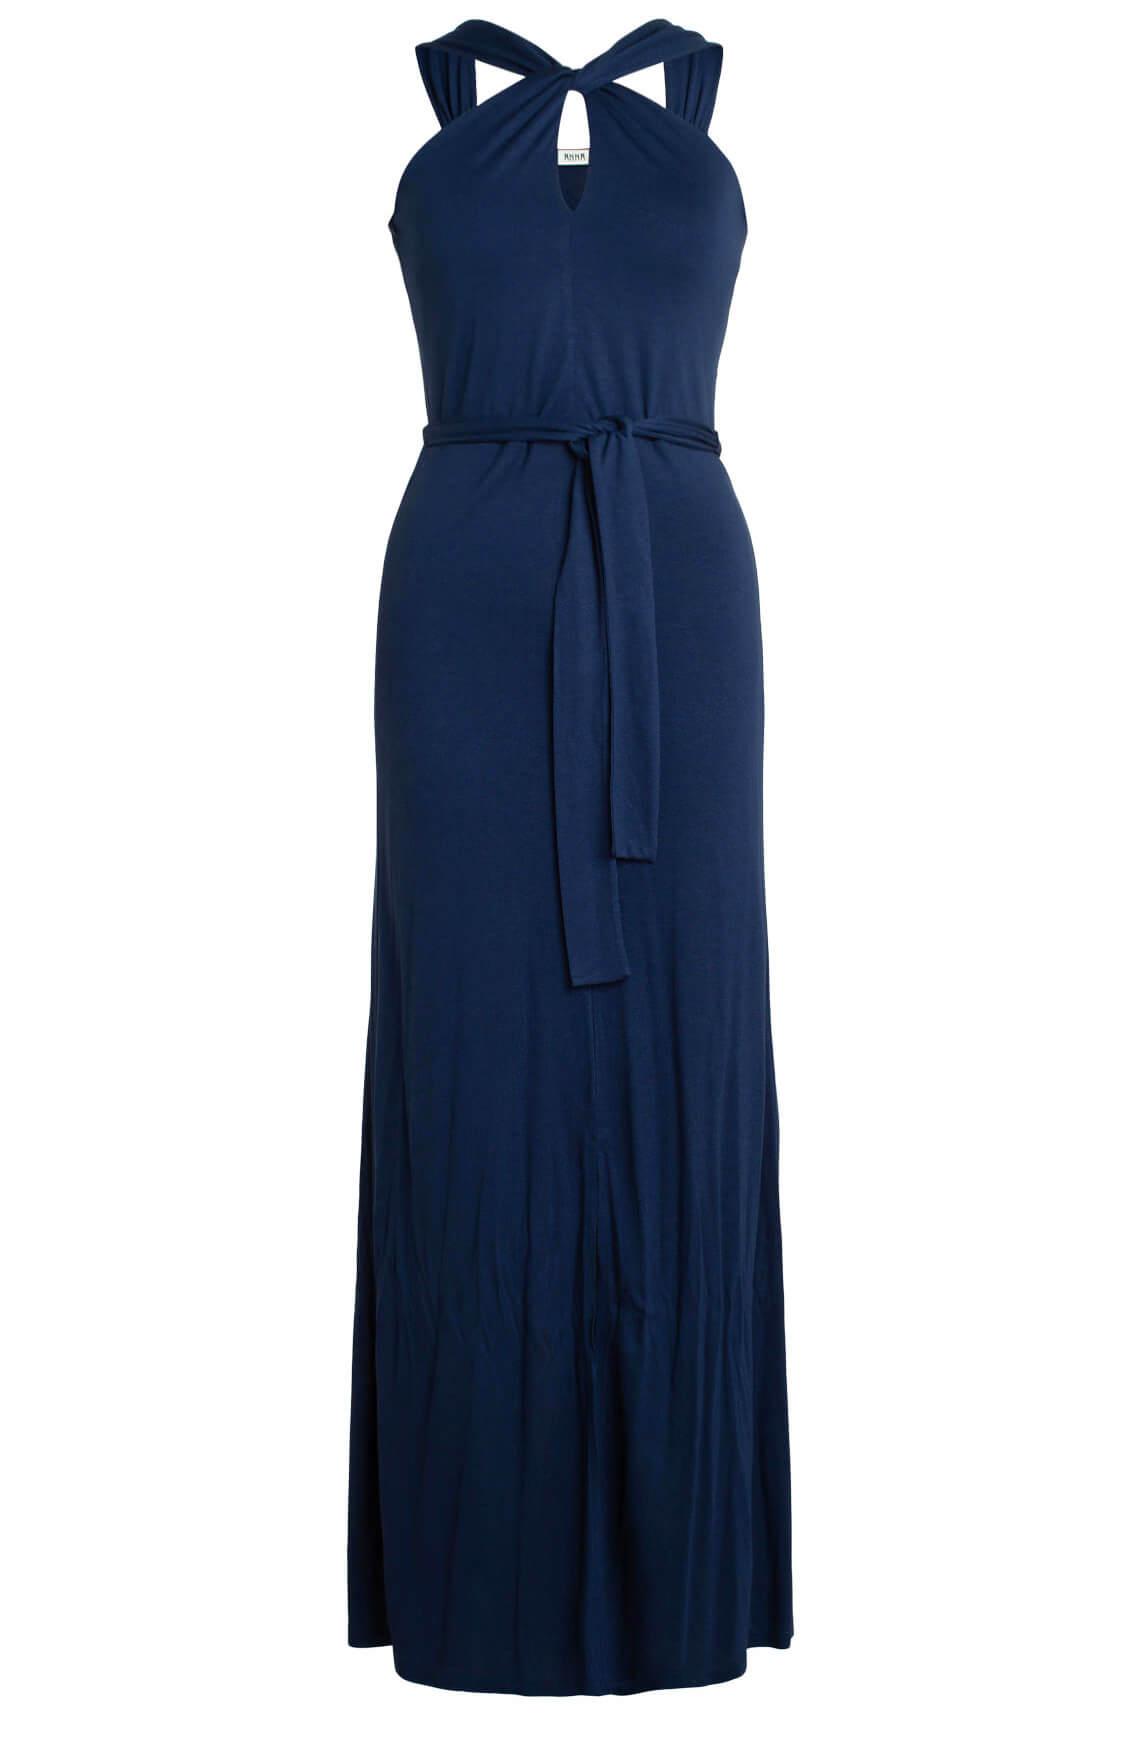 Anna Dames Maxi jurk Blauw